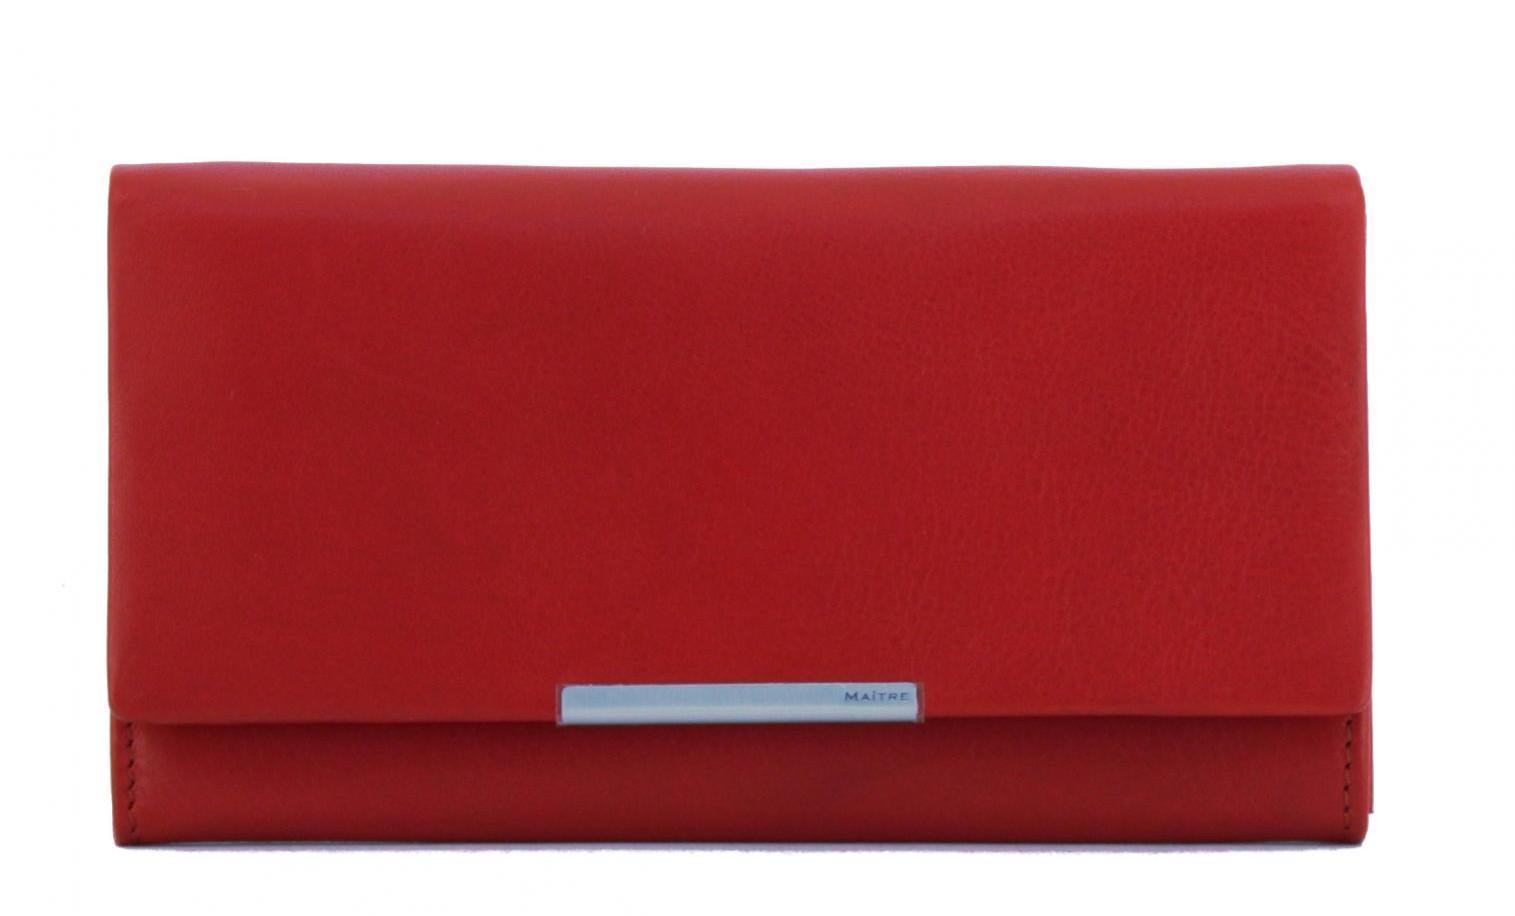 Maitre Damengeldbörse RFID Schutz Belg Diedburg LH8F red rot